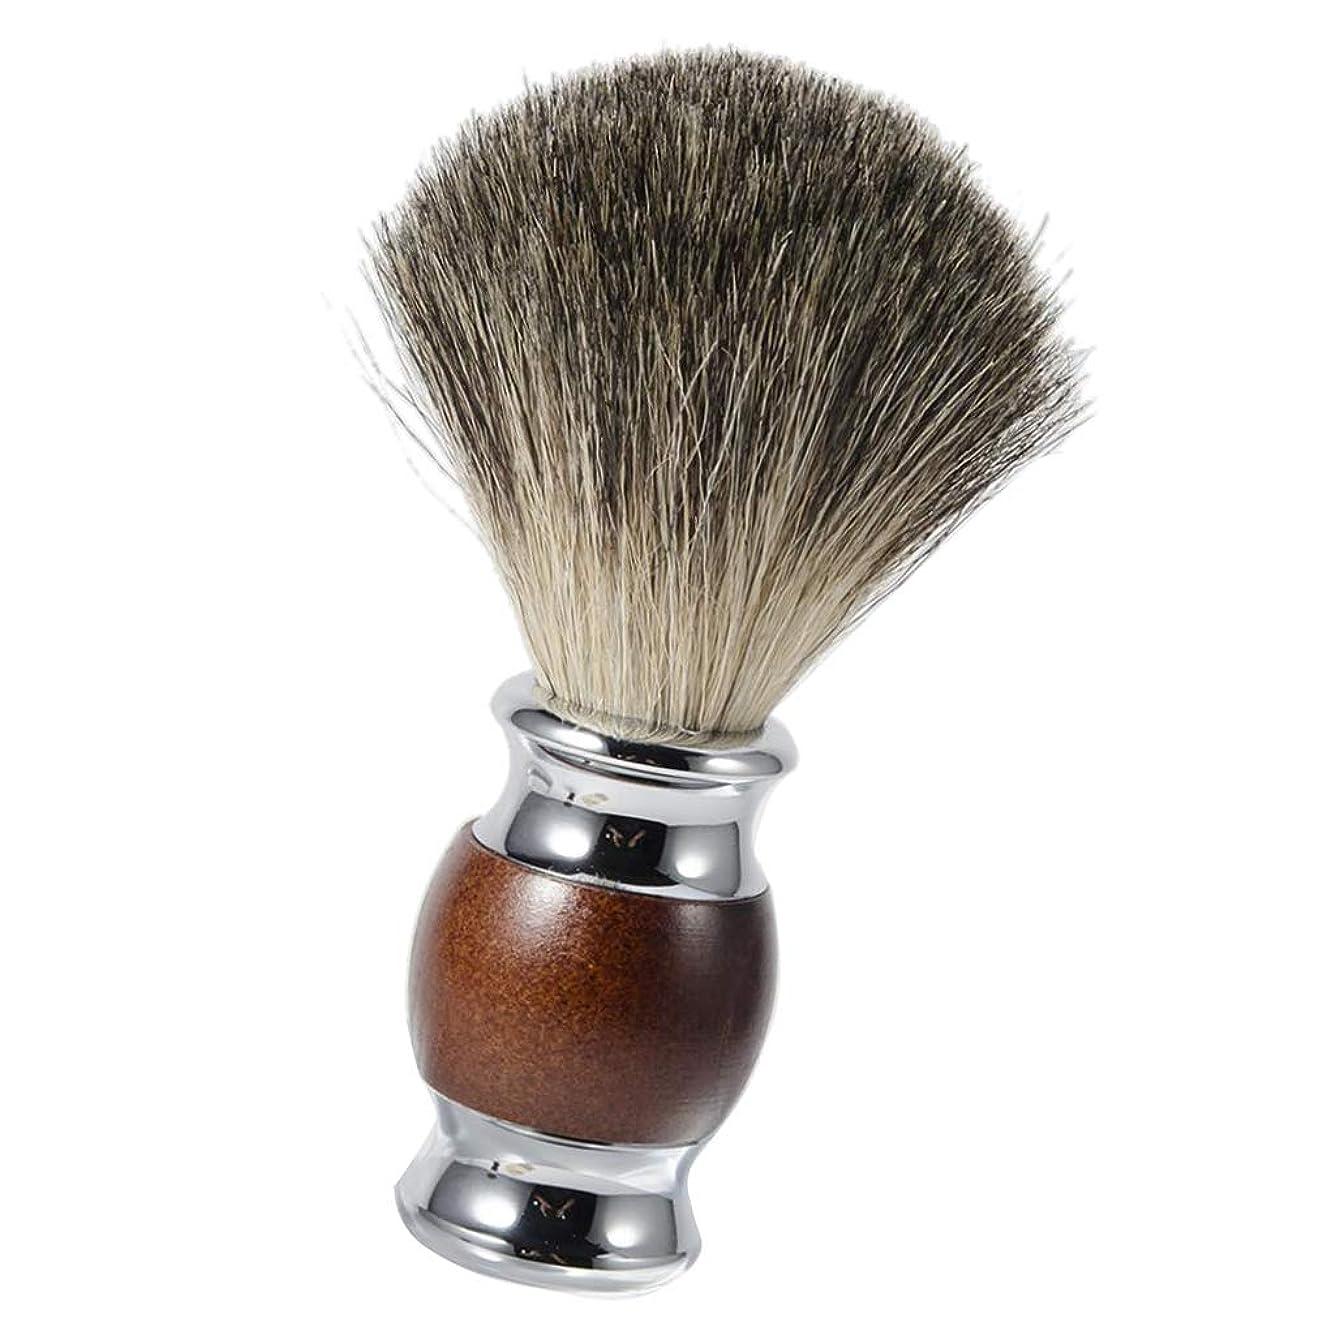 ウルル自我飛び込むBaoblaze ひげブラシ シェービングブラシ 木製ハンドル 理容 洗顔 髭剃り 泡立ち メンズ用 友人にプレゼント